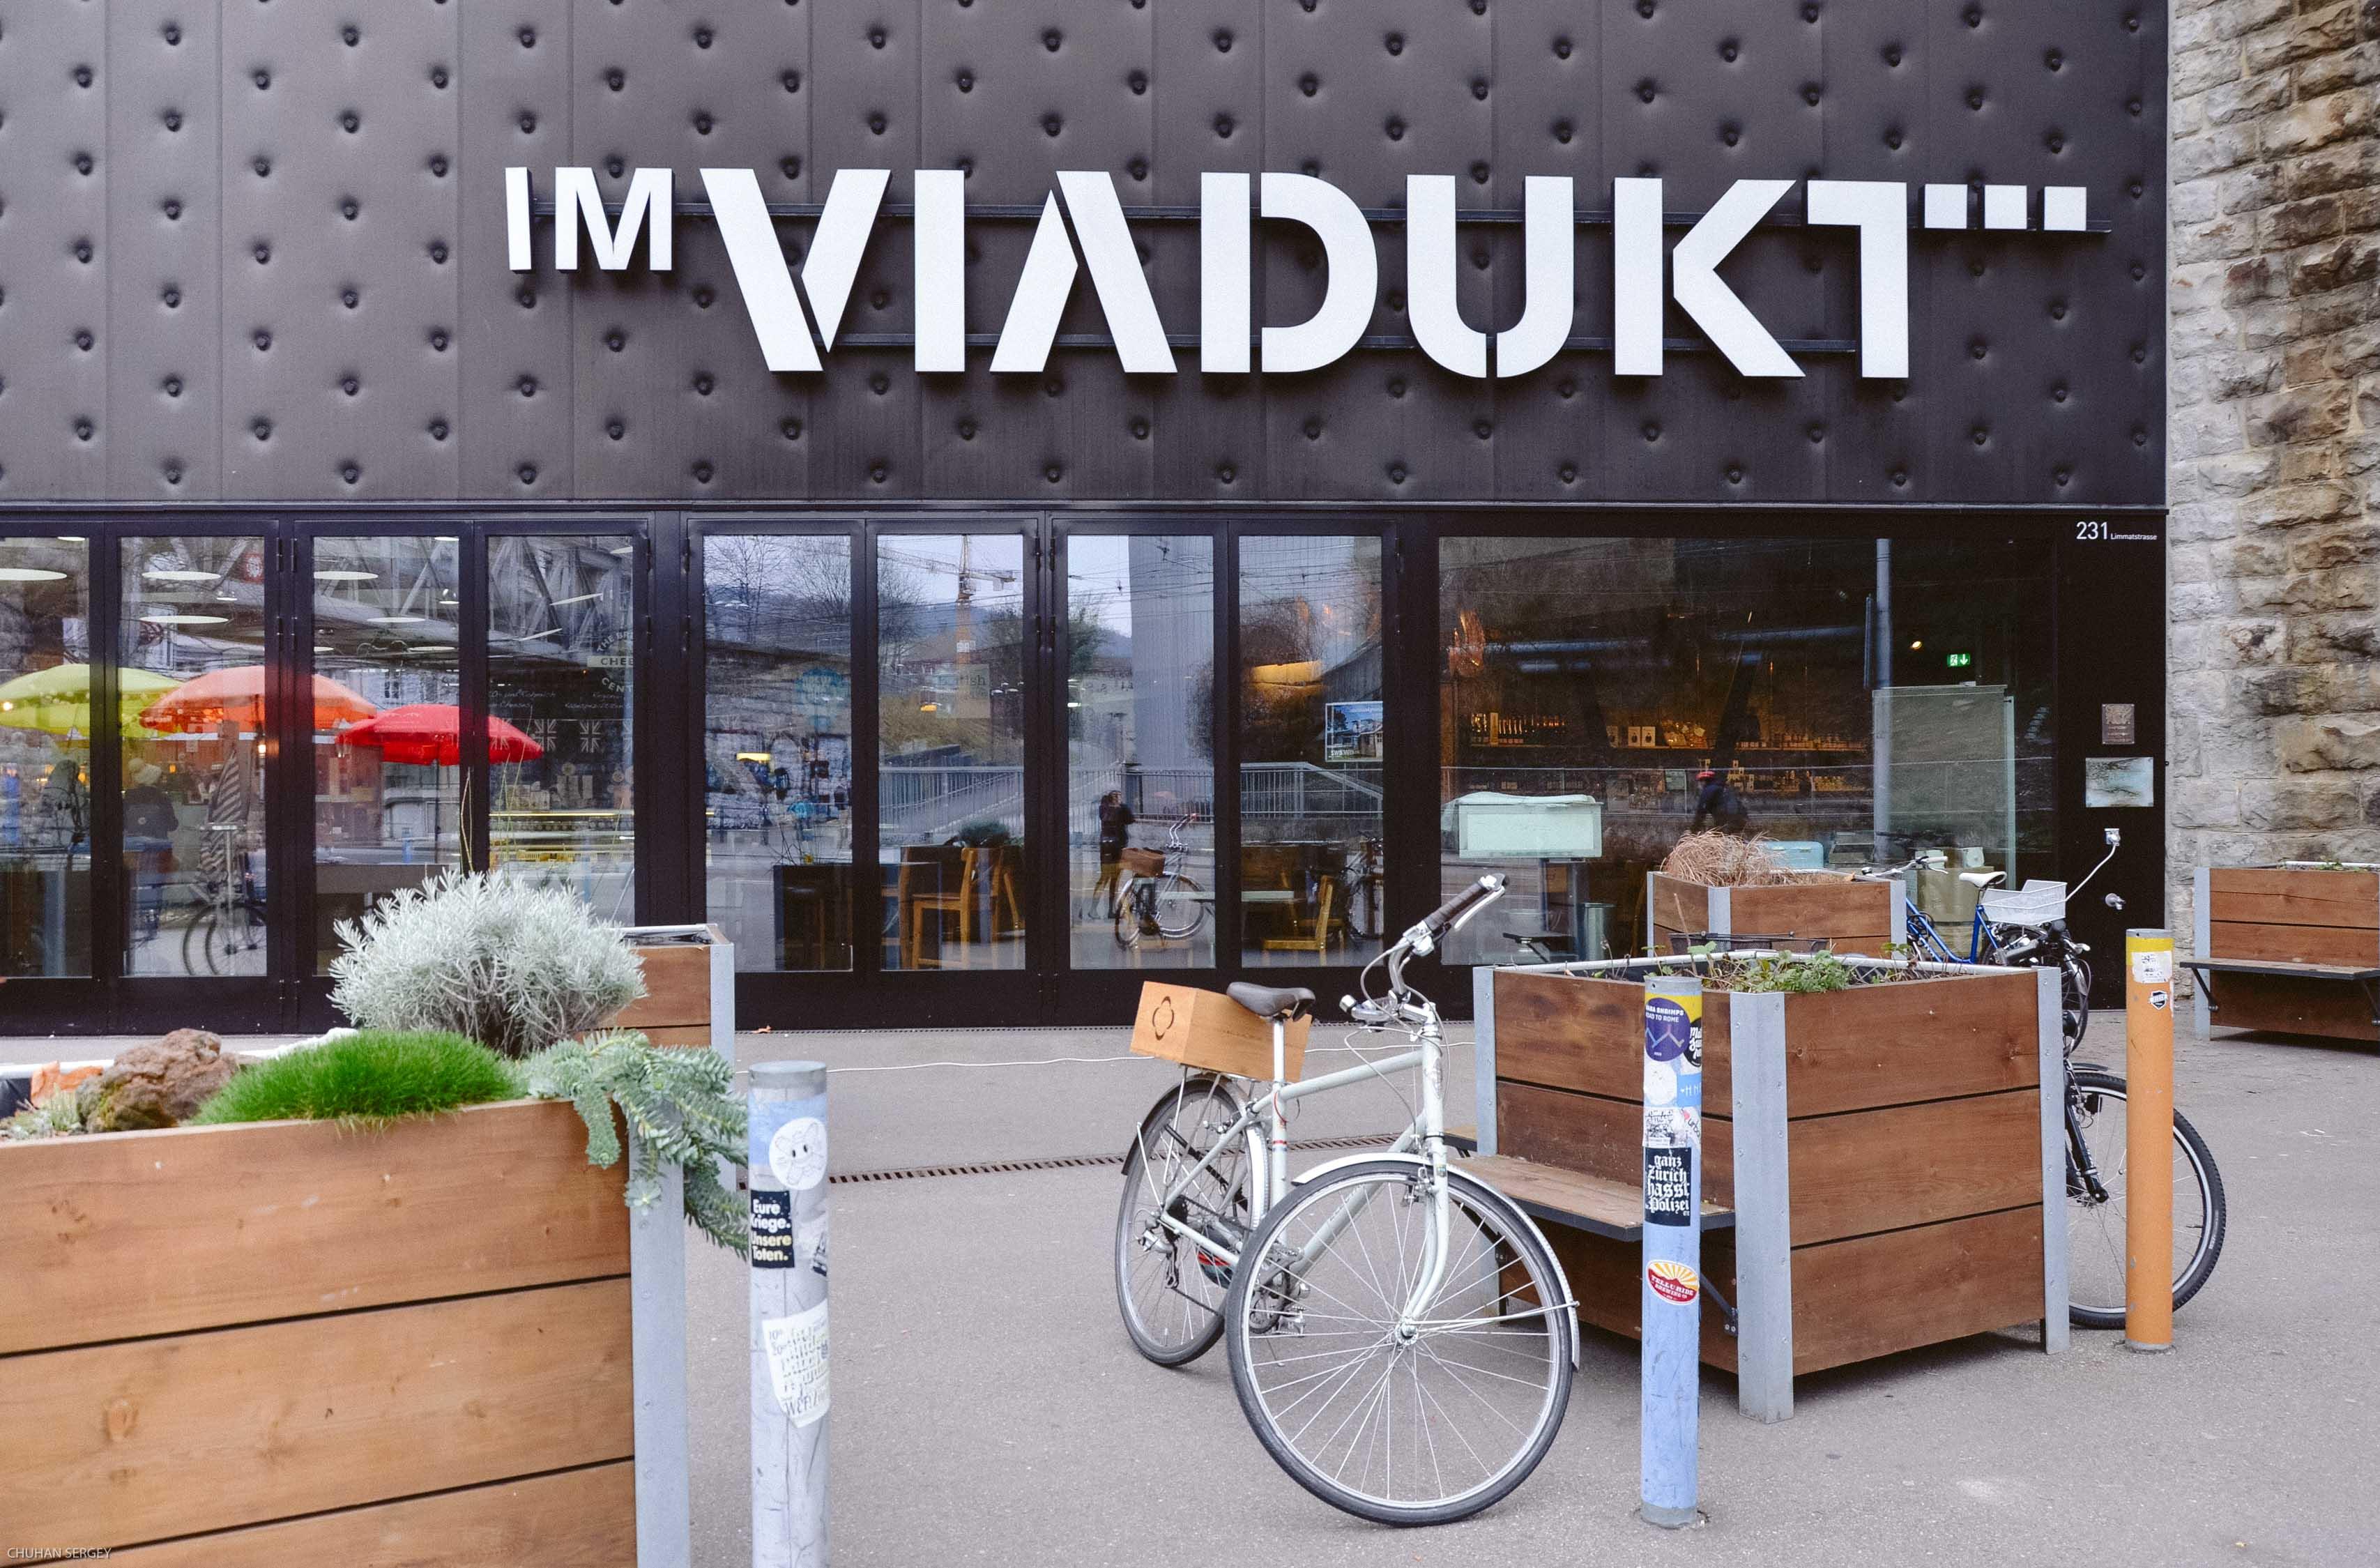 Маркетхолл IM VIADUKT в Цюрихе. Швейцария: Цюрих и окрестности за 48 часов